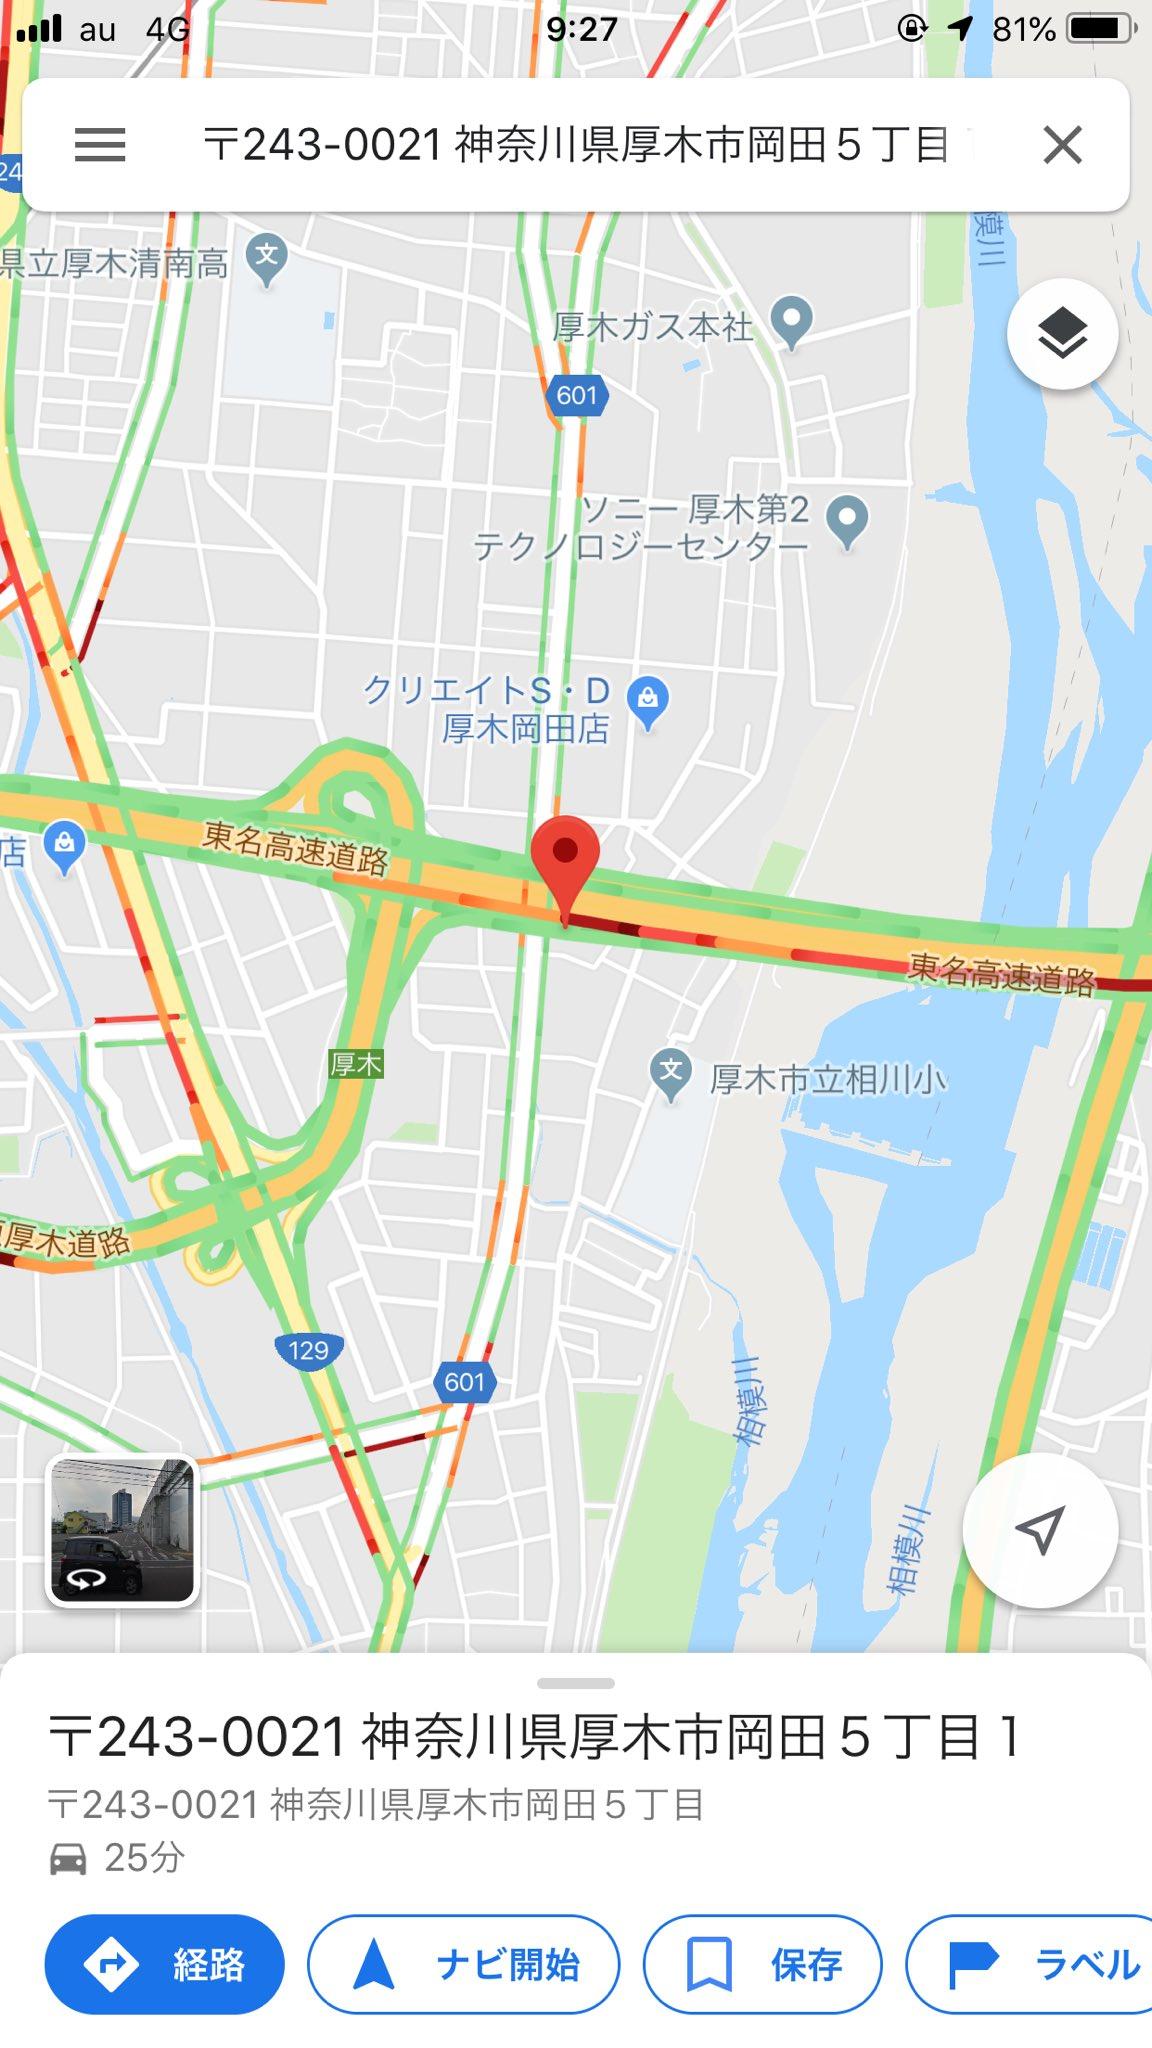 画像,東名高速下り線厚木インター先で追突事故下り線本線は通行止めかも。小田厚方面は降りられます。急にパトカー目の前に入ってきて40kmに制限させられて現場前でじゃあみ…